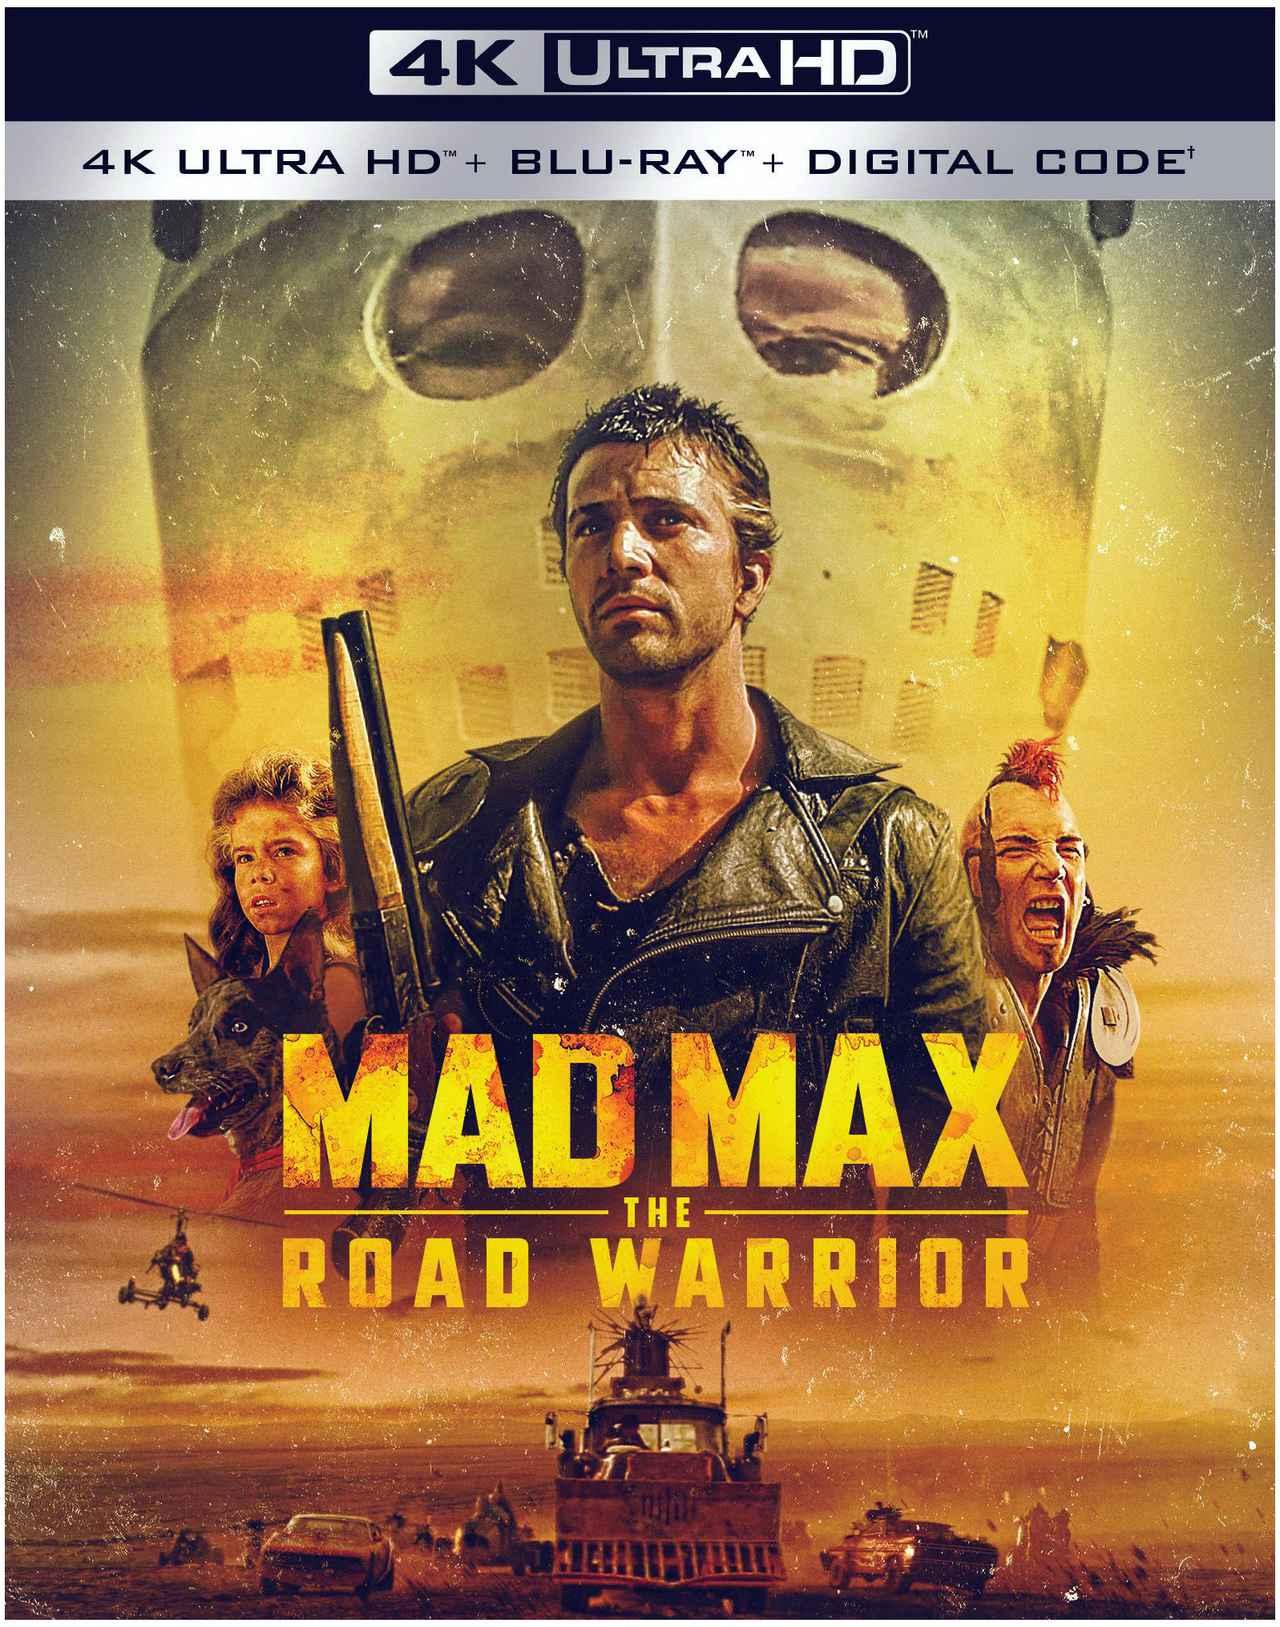 画像2: 【 UPDATE】4Kマッドマックス『マッドマックス2』『マッドマックス/サンダードーム』【海外盤Blu-ray発売情報】